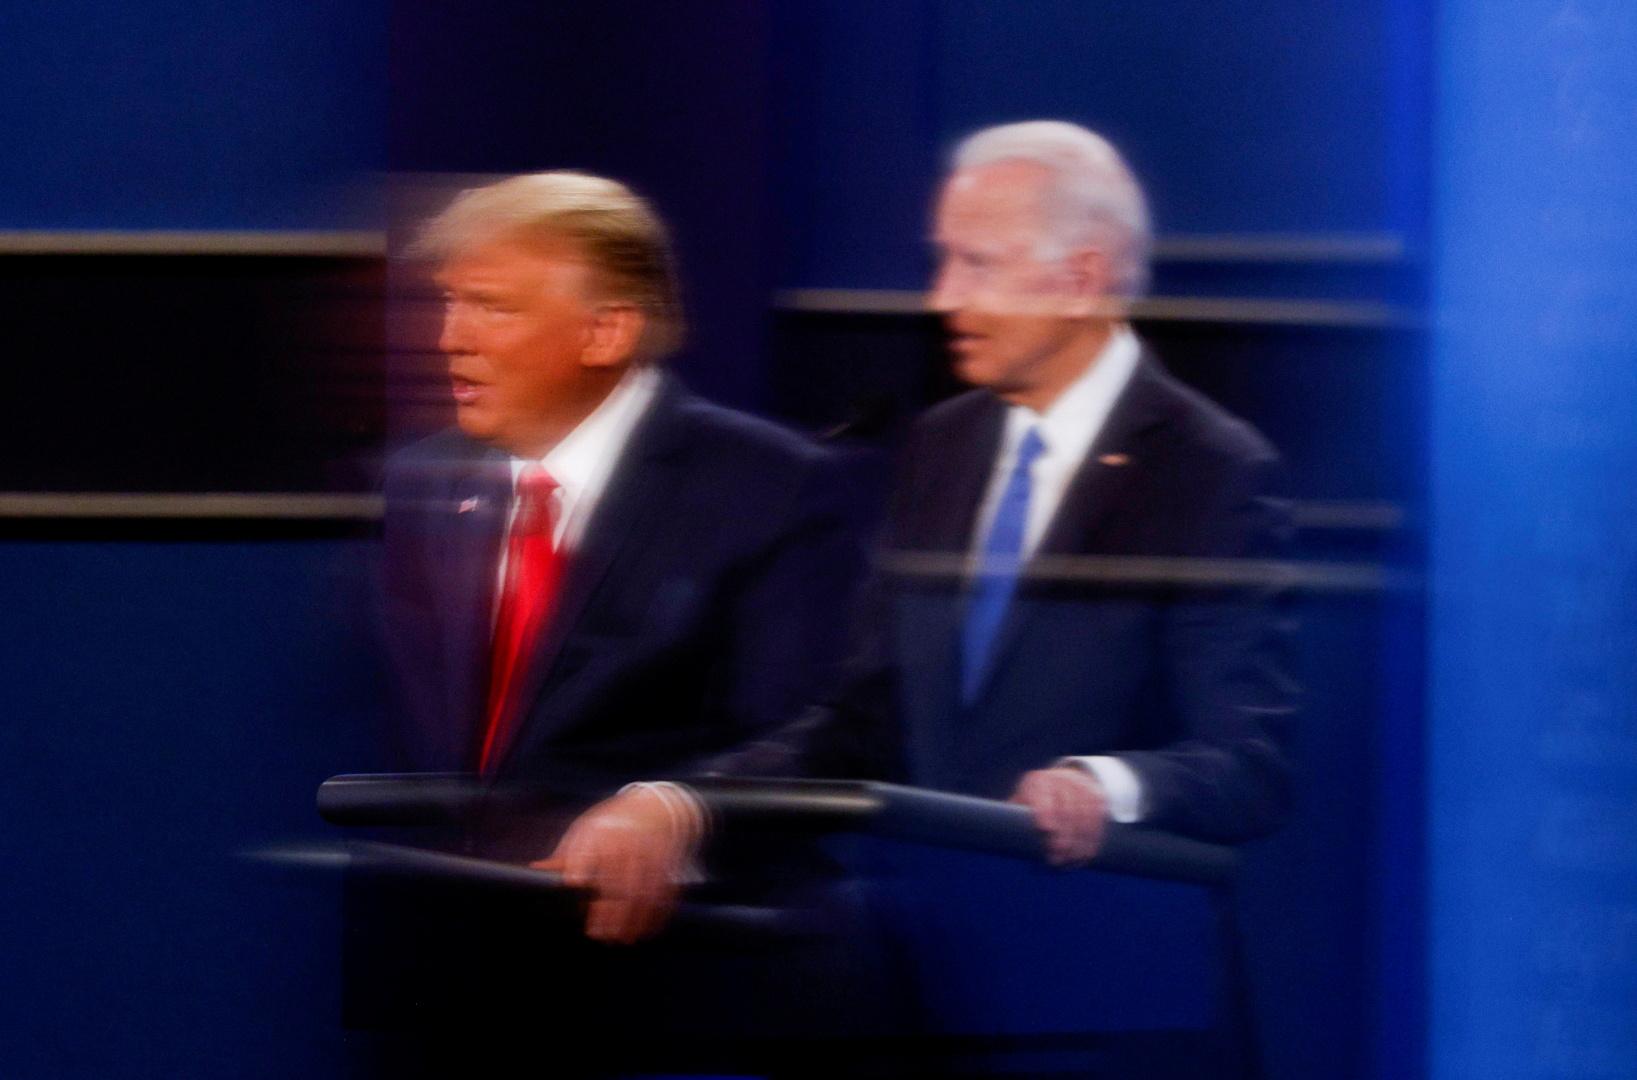 بادين وترامب لم يتفقا على من هو عدو أمريكا الأول